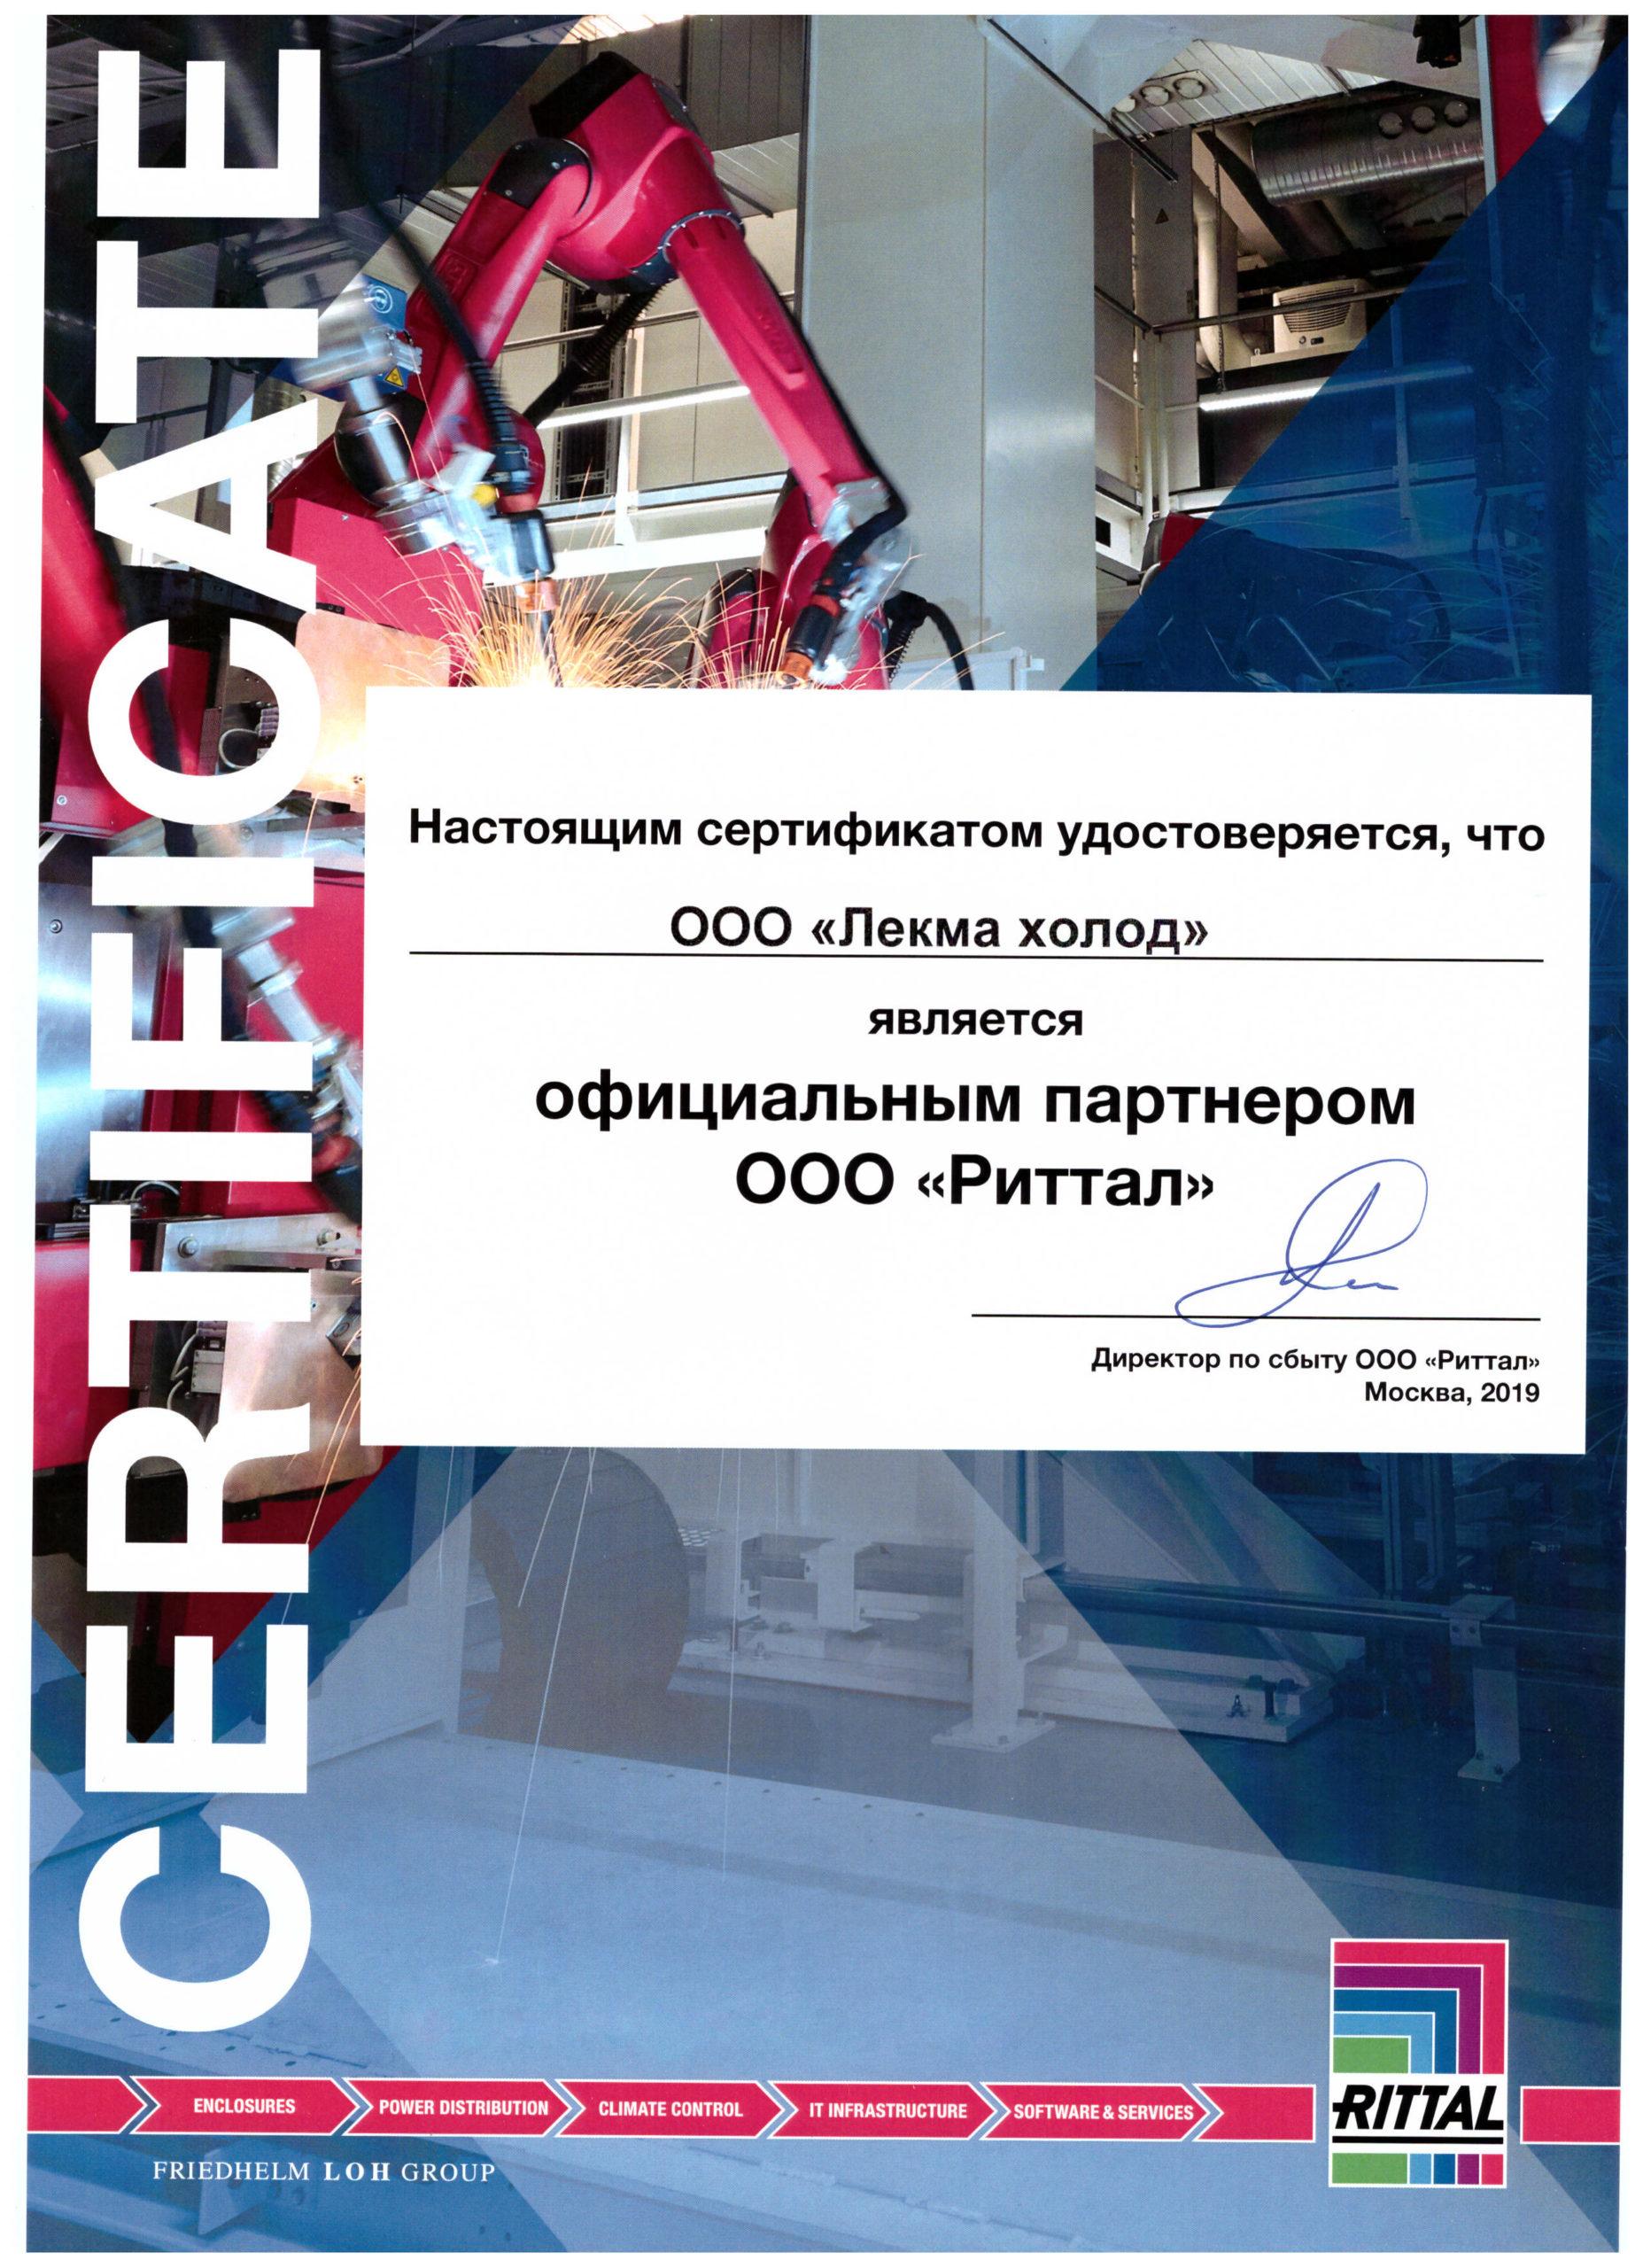 Rittal sertificat dilera